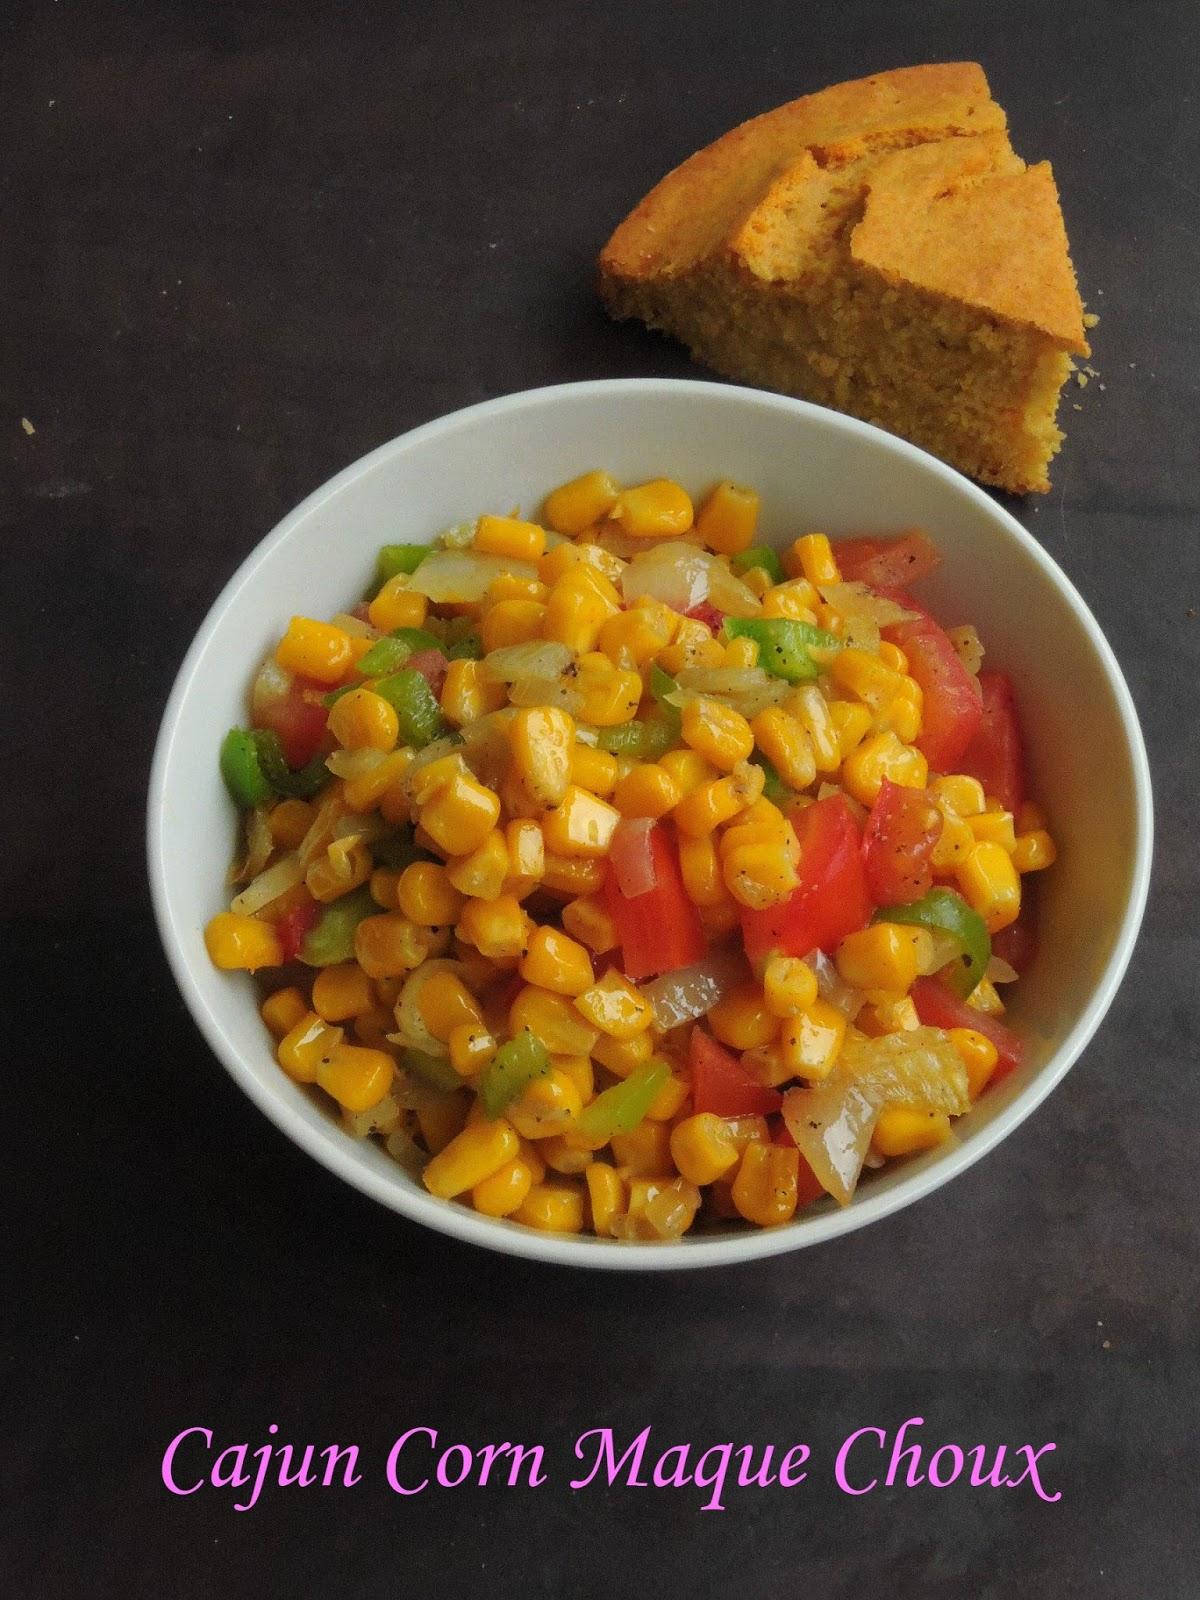 Priya's Versatile Recipes: Vegan Cajun Corn Maque Choux